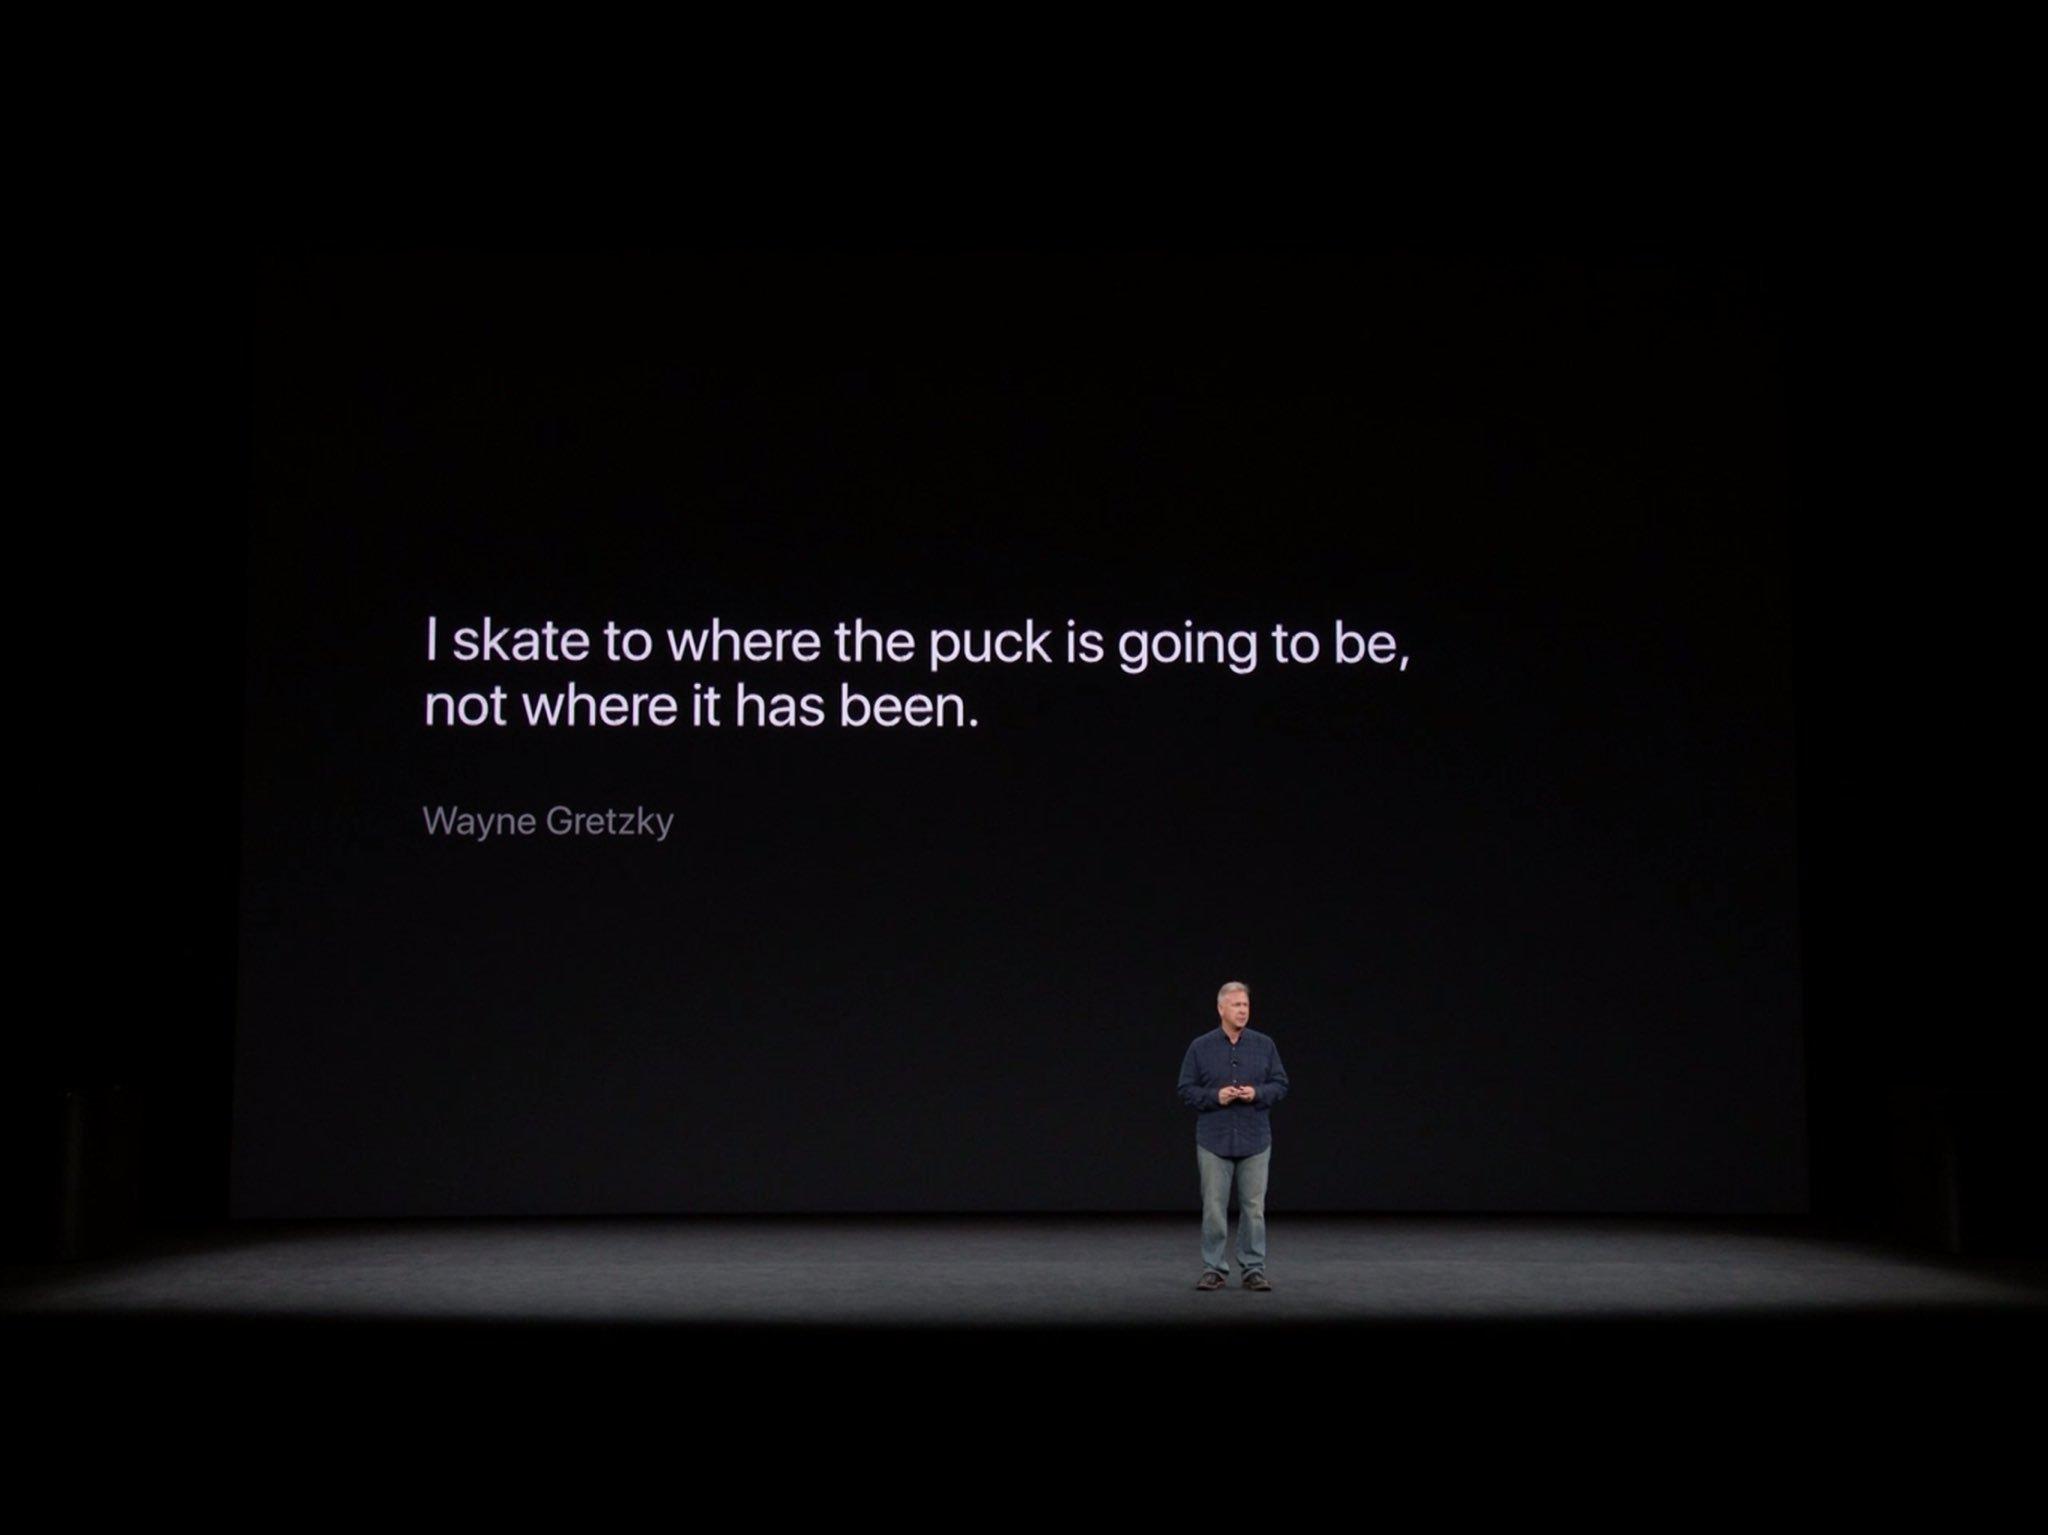 La verdad, yo me quedo mejor con esta frase del #AppleEvent de ayer. https://t.co/GbYmx8GYkO